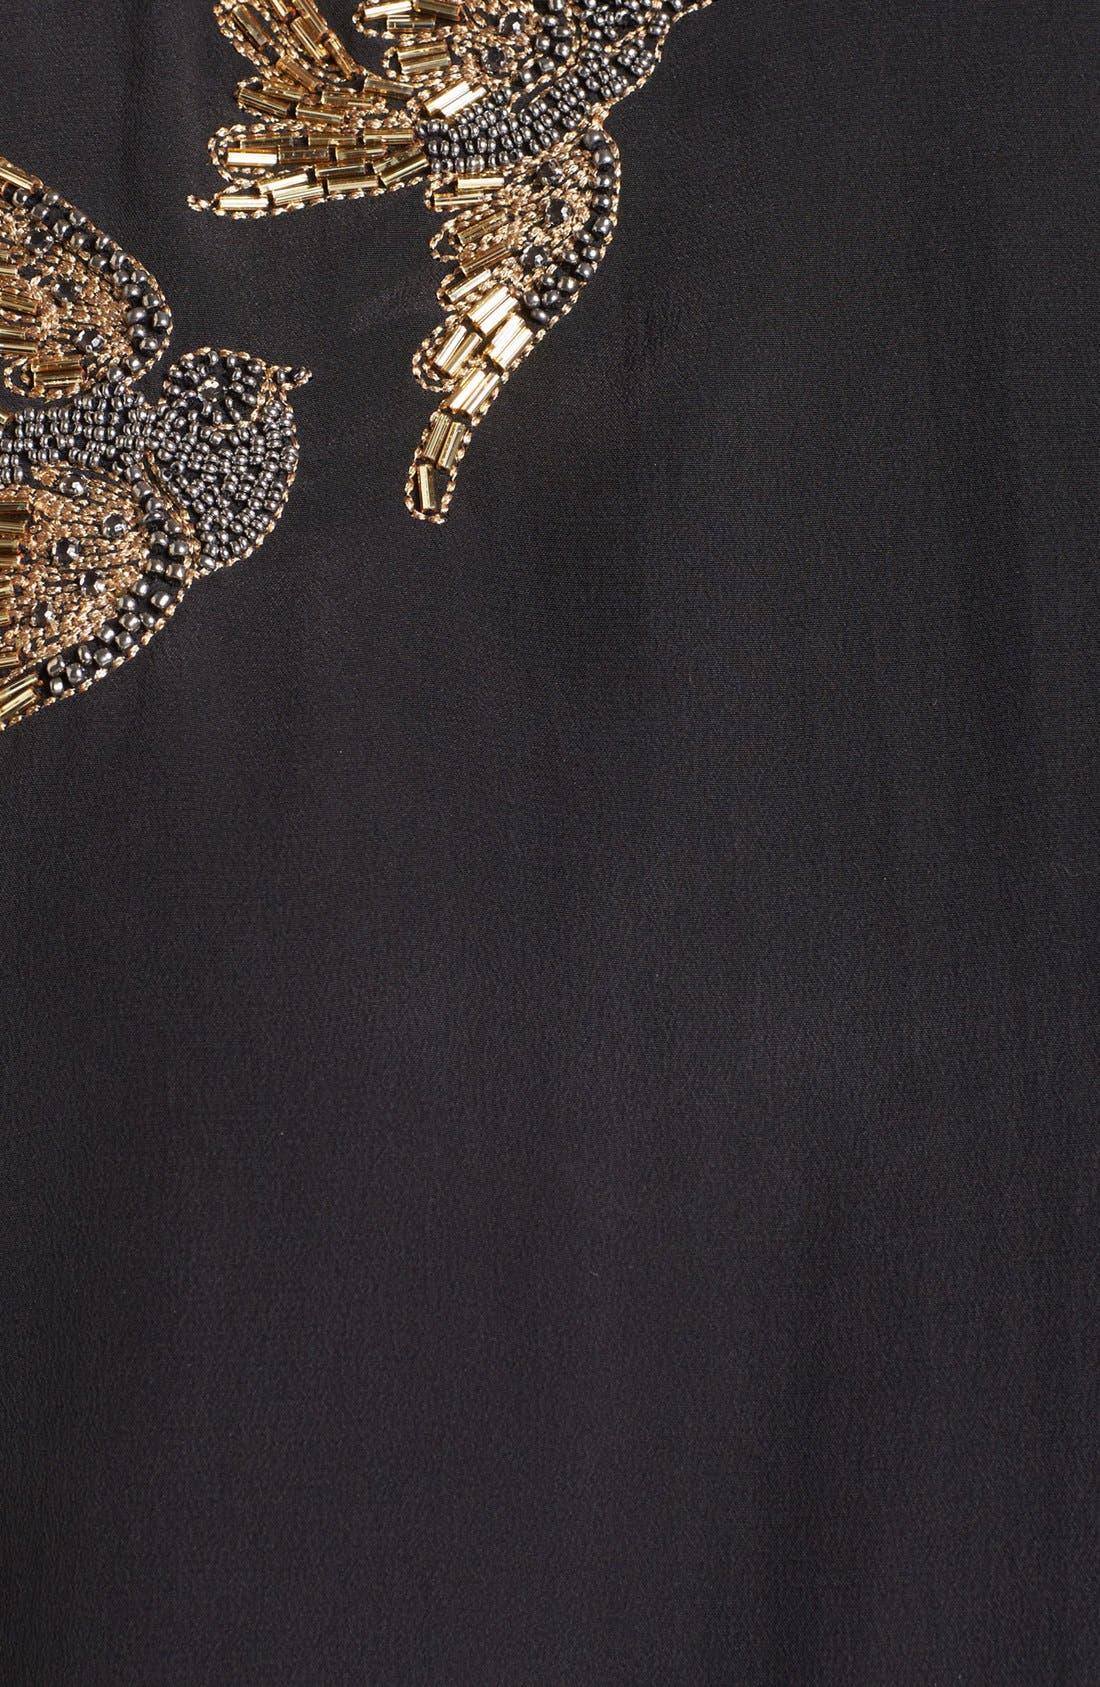 Alternate Image 3  - Equipment 'Elliot' Embellished Silk Top